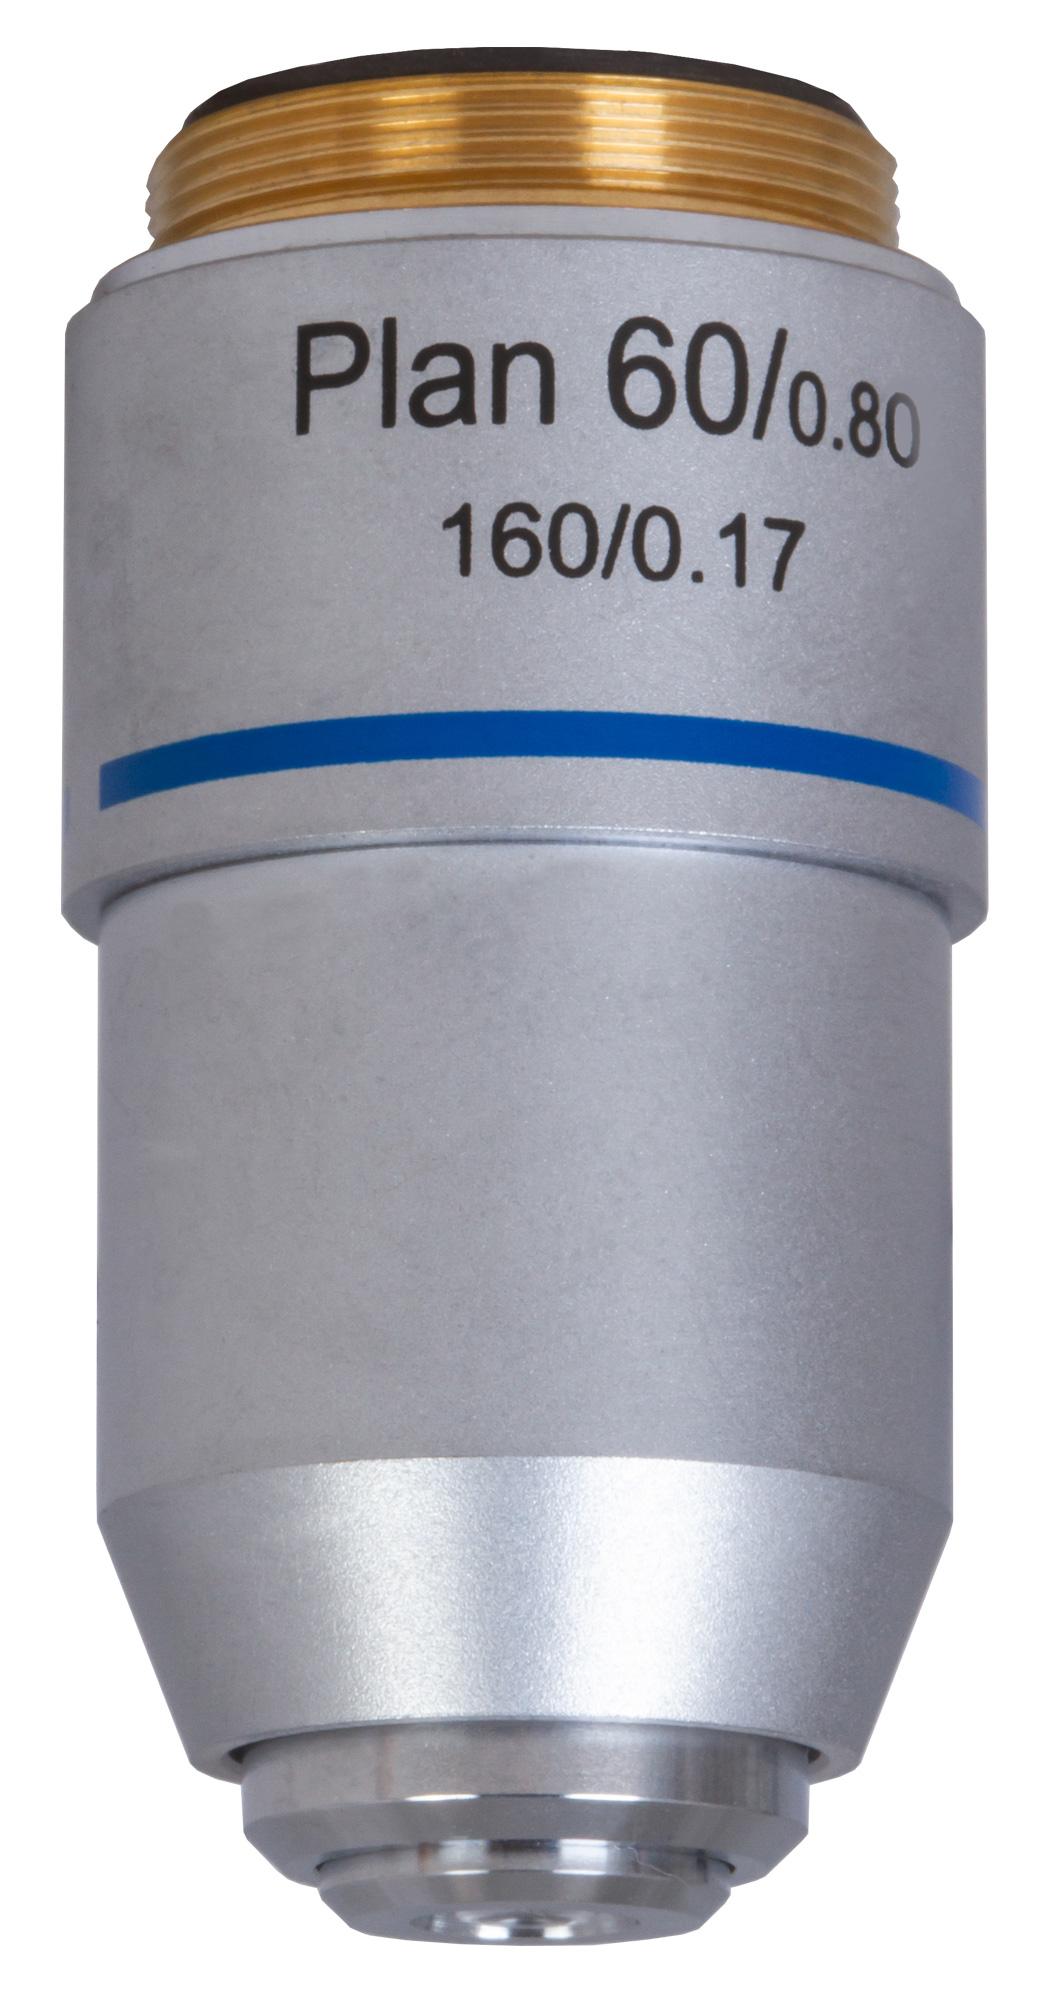 Картинка для Объектив планахроматический Levenhuk (Левенгук) MED 60x